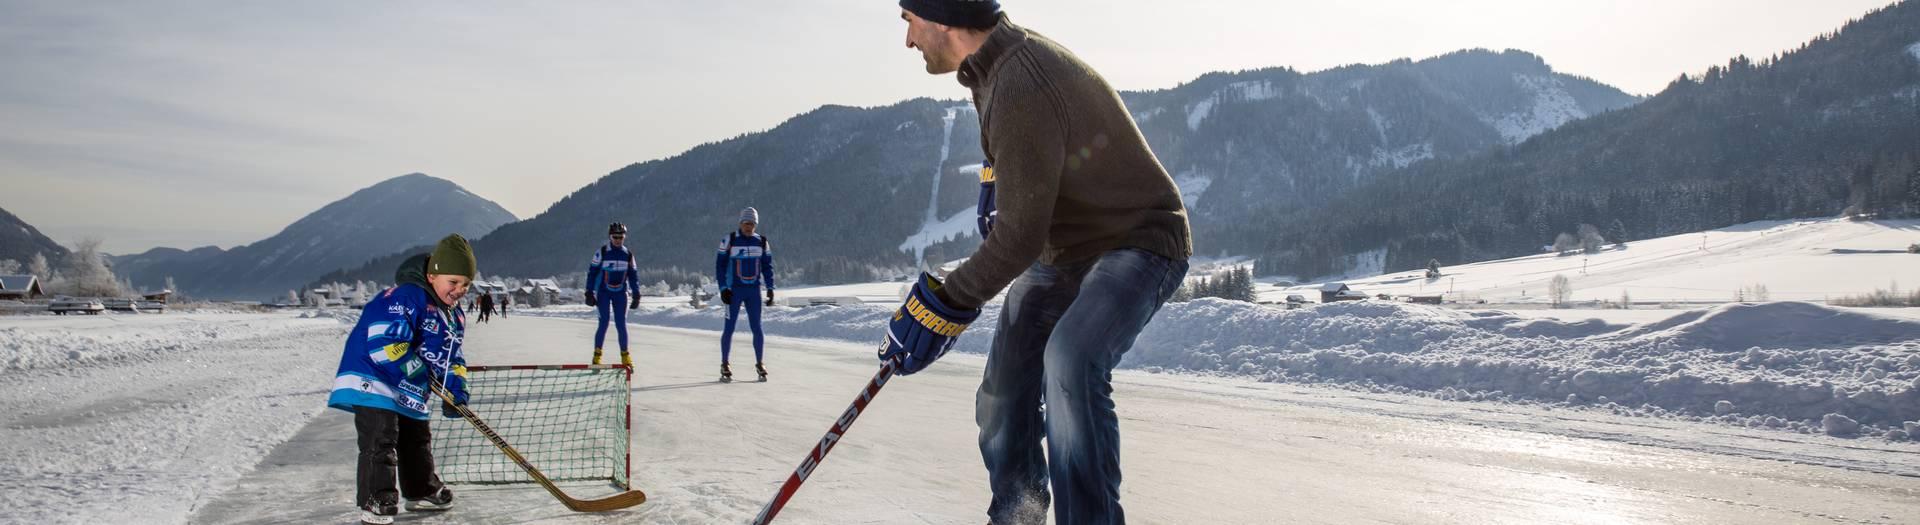 Eishockey am Weissensee